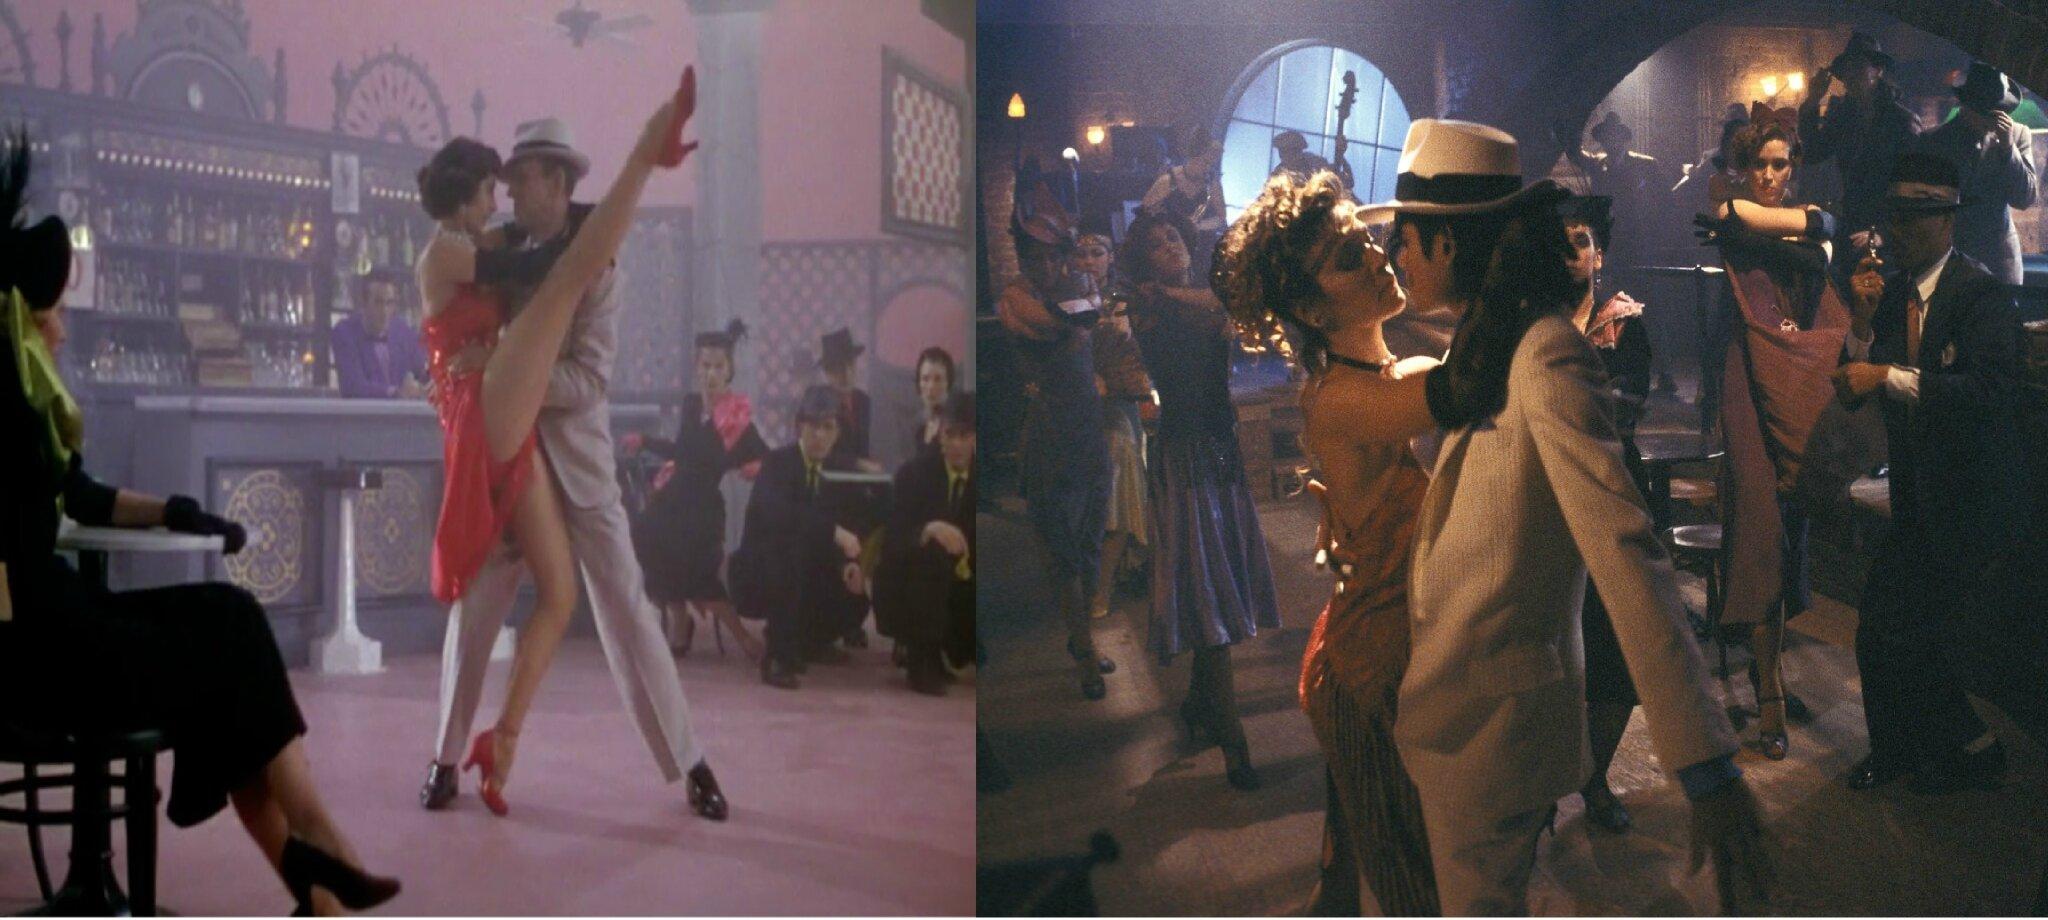 Les chefs d'oeuvres du cinéma qui ont inspiré les short films de Michael Jackson